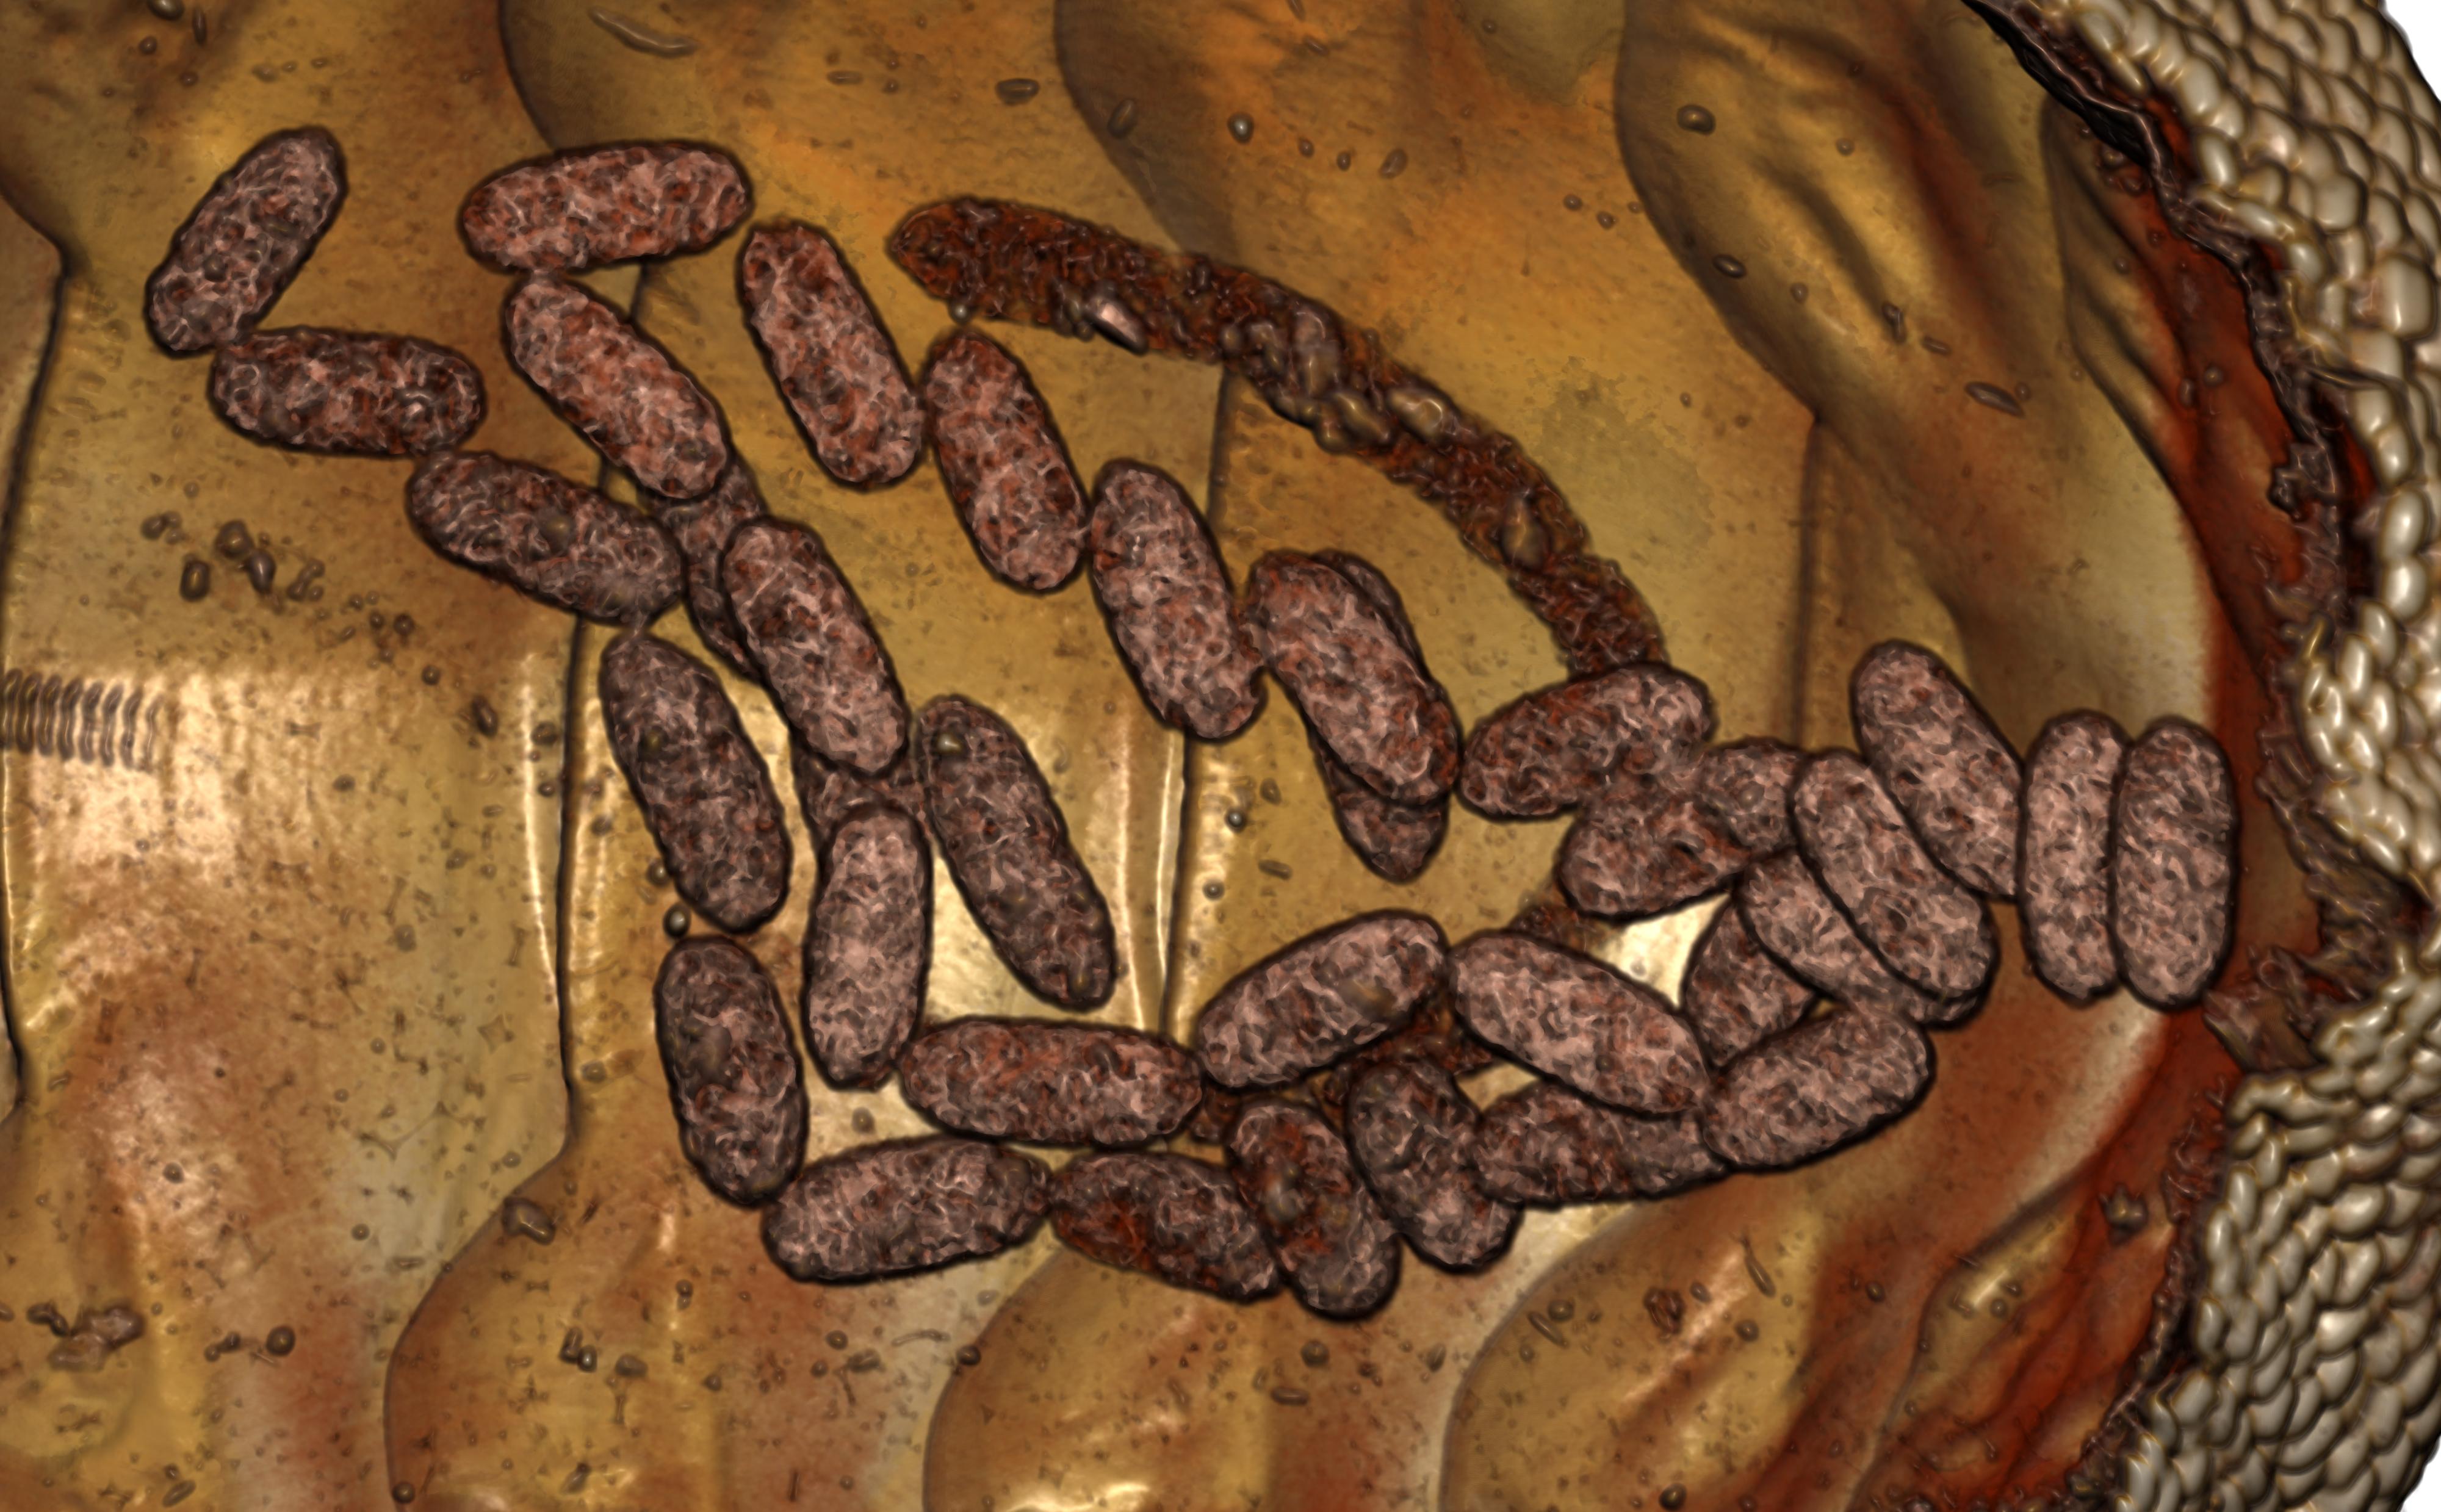 BE-RBINS-INV PARATYPE MT.3658 Ischnochiton (Ischnochiton) yemenensis MICROCT RX FAECES.jpg